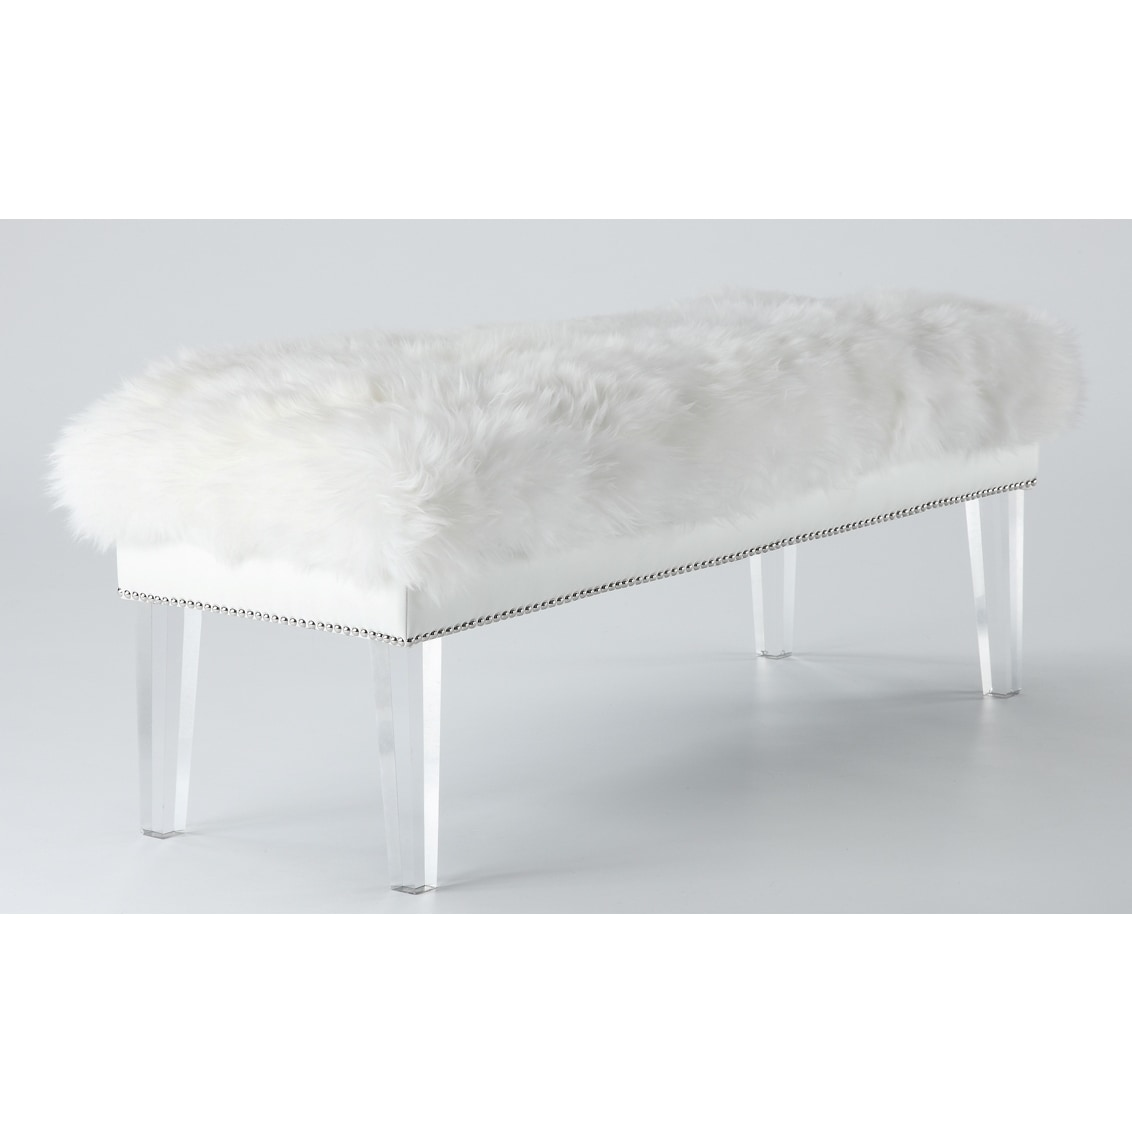 studio bench reviews sheepskin pdx brayden wayfair furniture